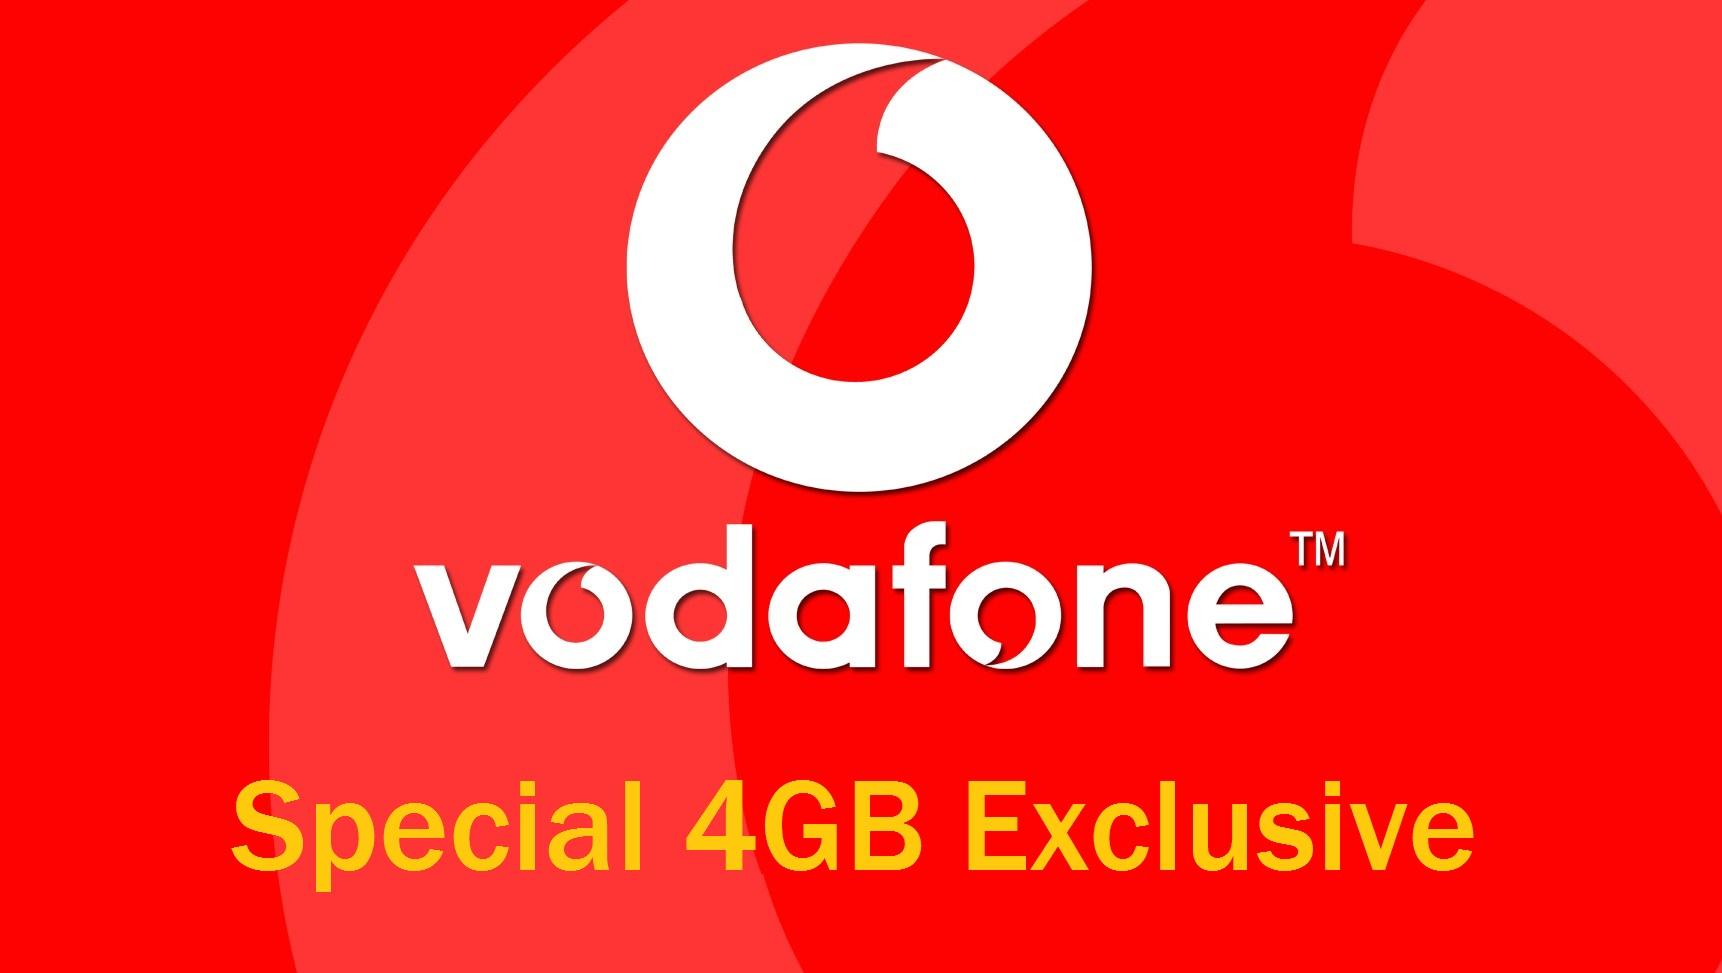 Vodafone Special 4GB Exclusive